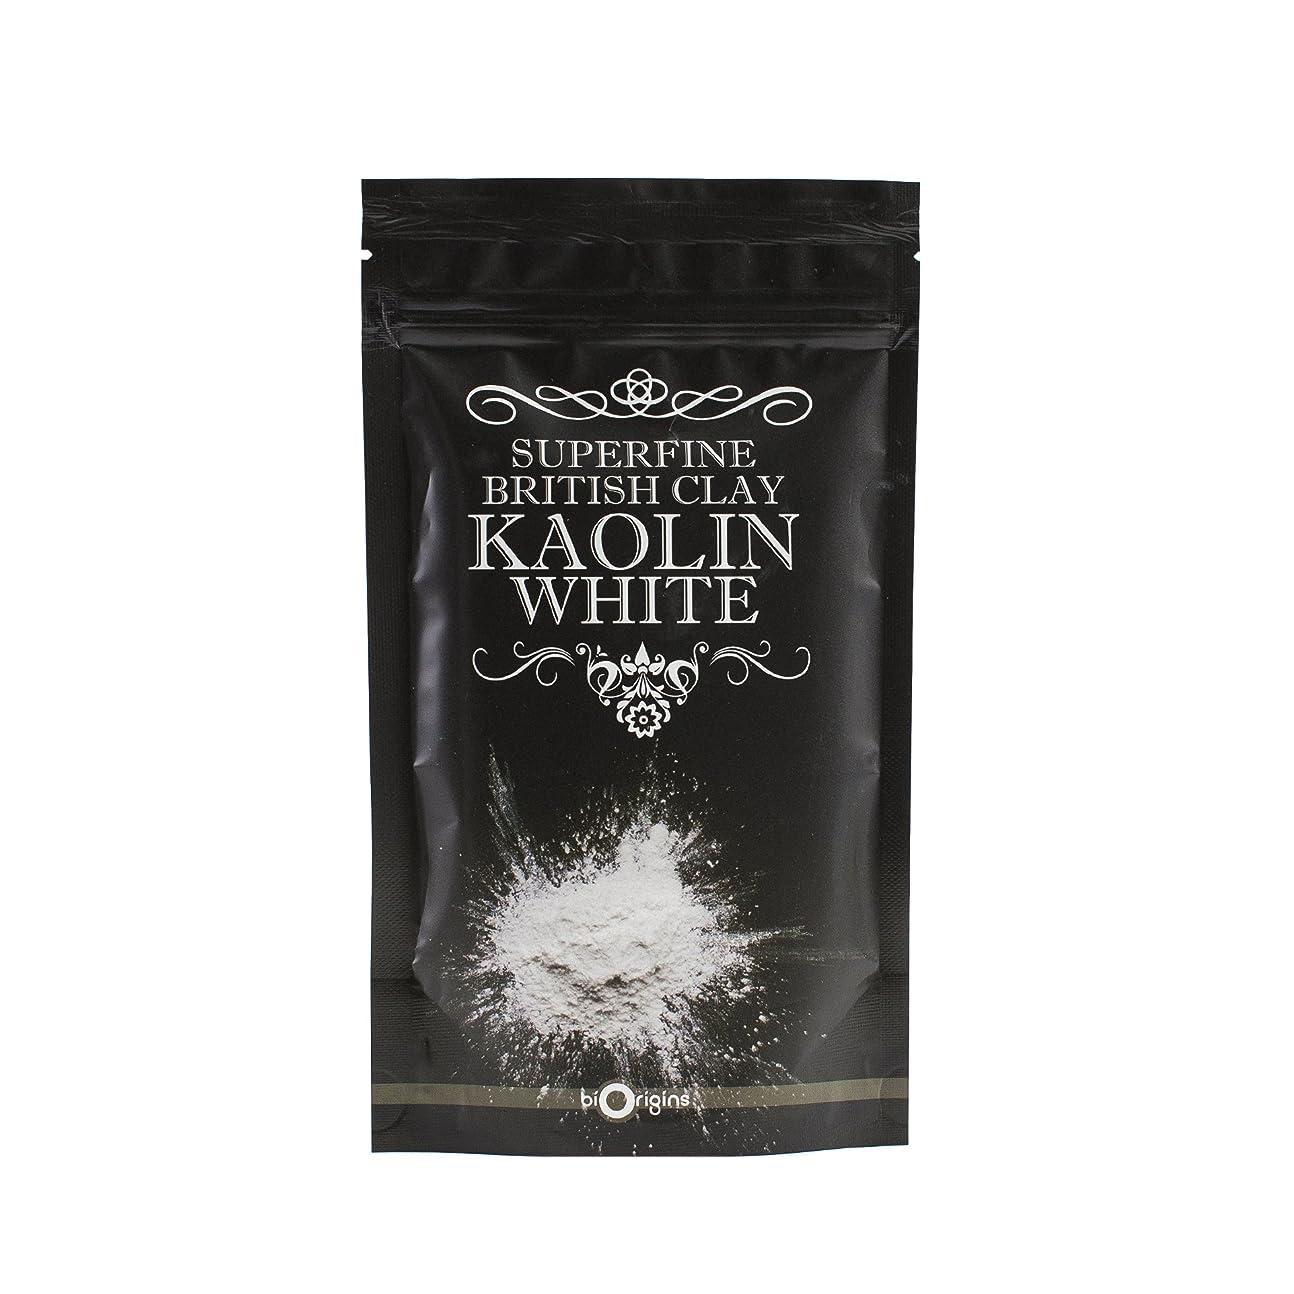 ノベルティマルクス主義者実現可能性Kaolin White Superfine British Clay - 100g